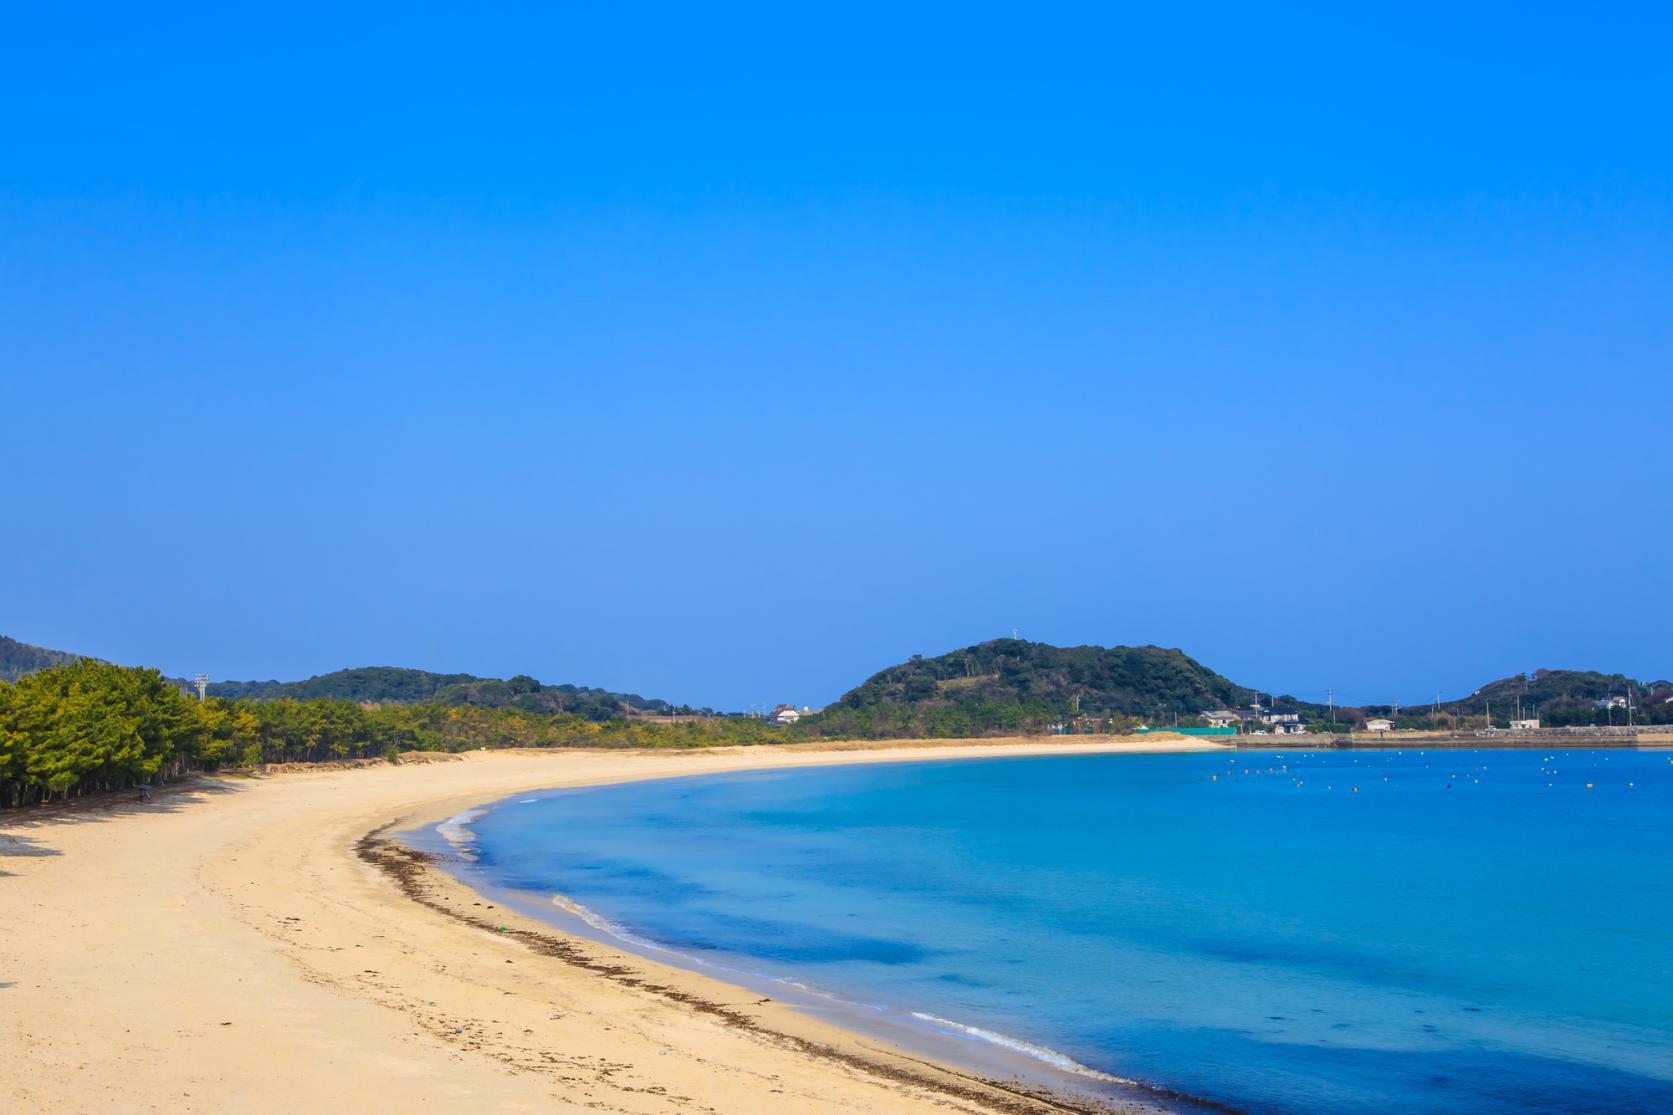 まるで玄界灘の宝石箱!広大な絶景ビーチでゆったり海水浴を-9